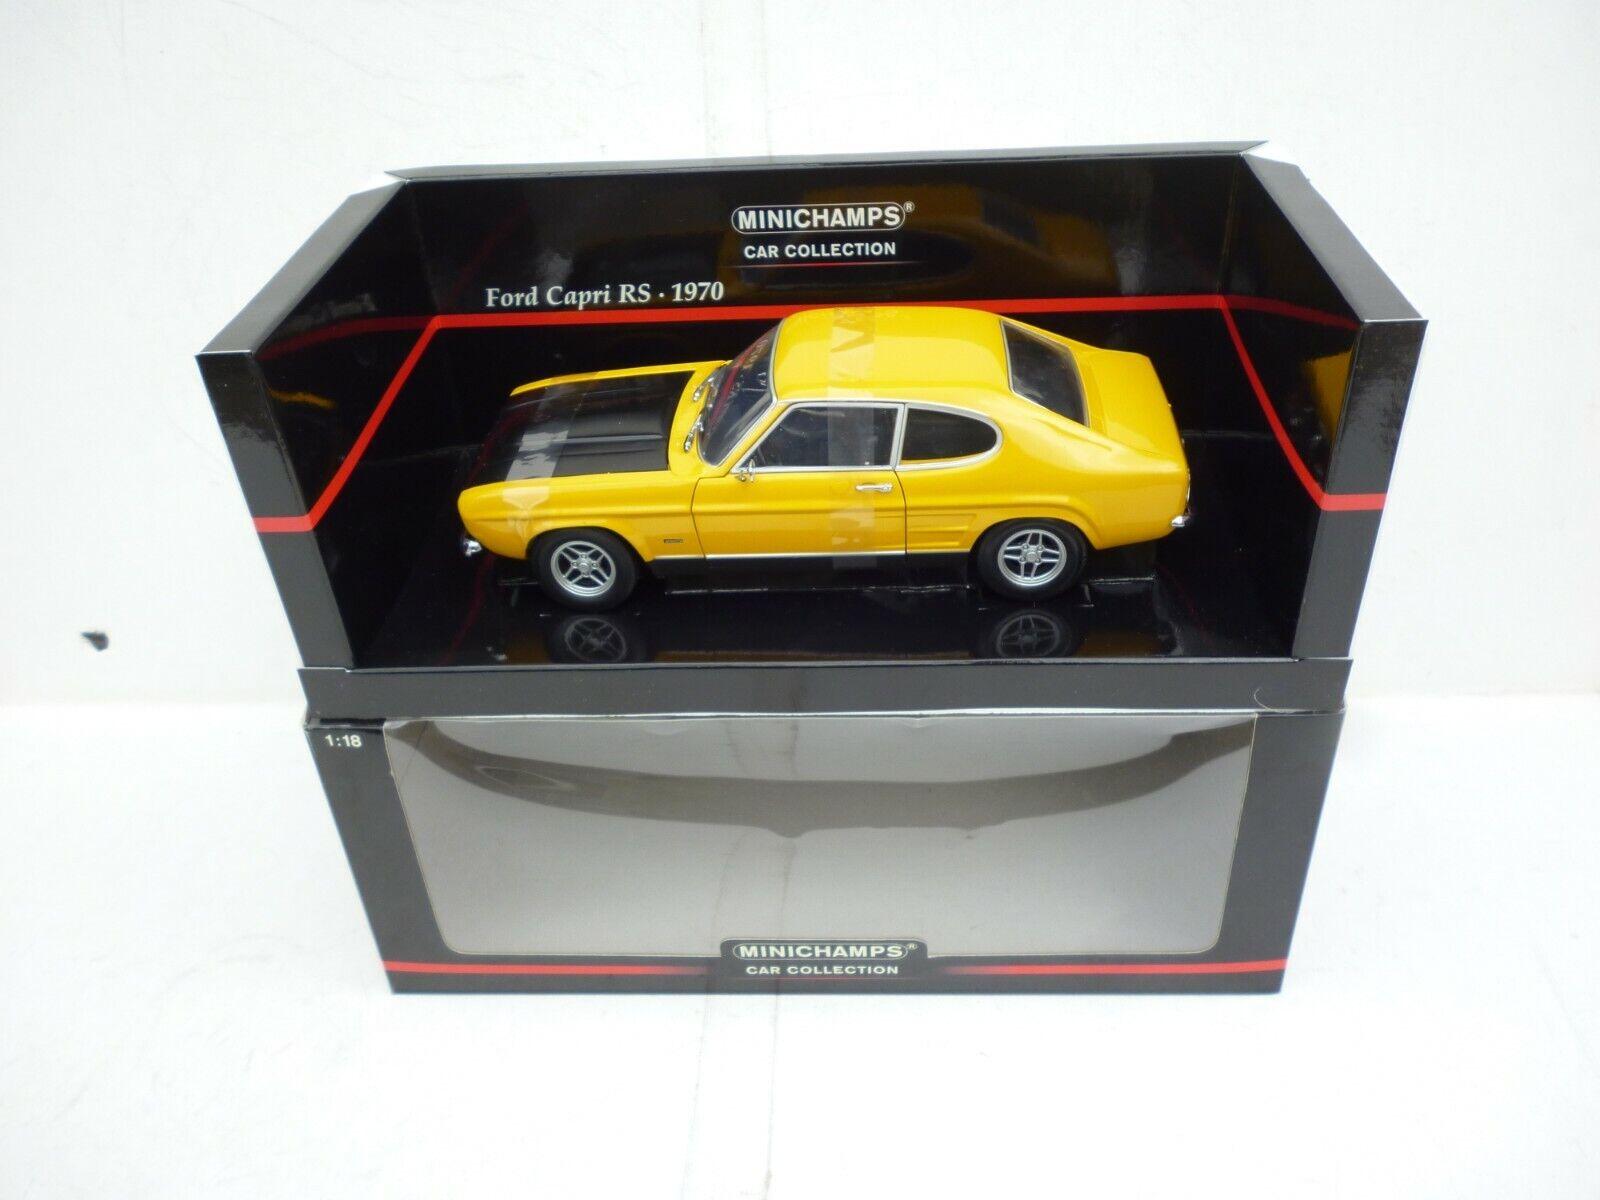 economico online 1 18 MINICHAMPS FORD CAPRI RS RS RS . 1970 BRe nuovo IN scatola RARE      tutti i beni sono speciali